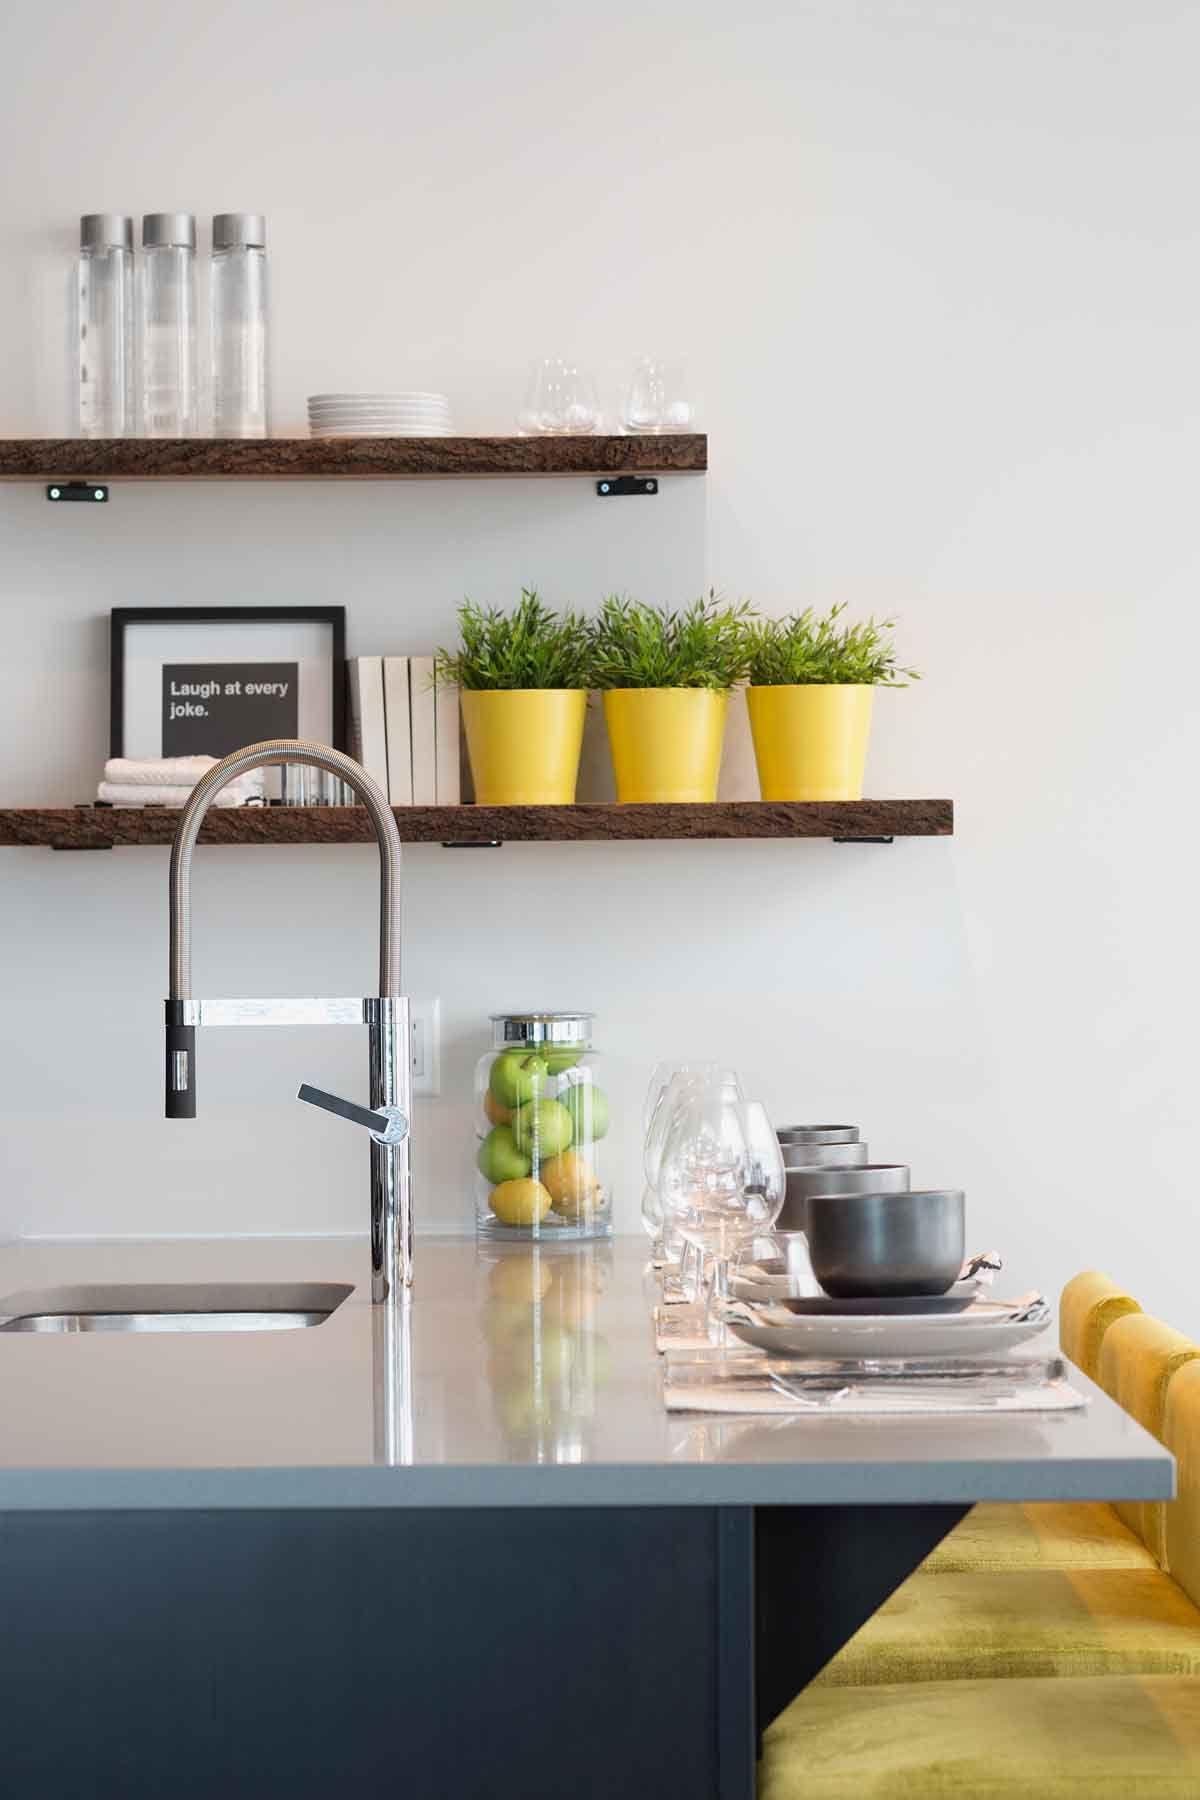 20 Kitchen Organization and Storage Ideas - How to Organize Your Kitchen